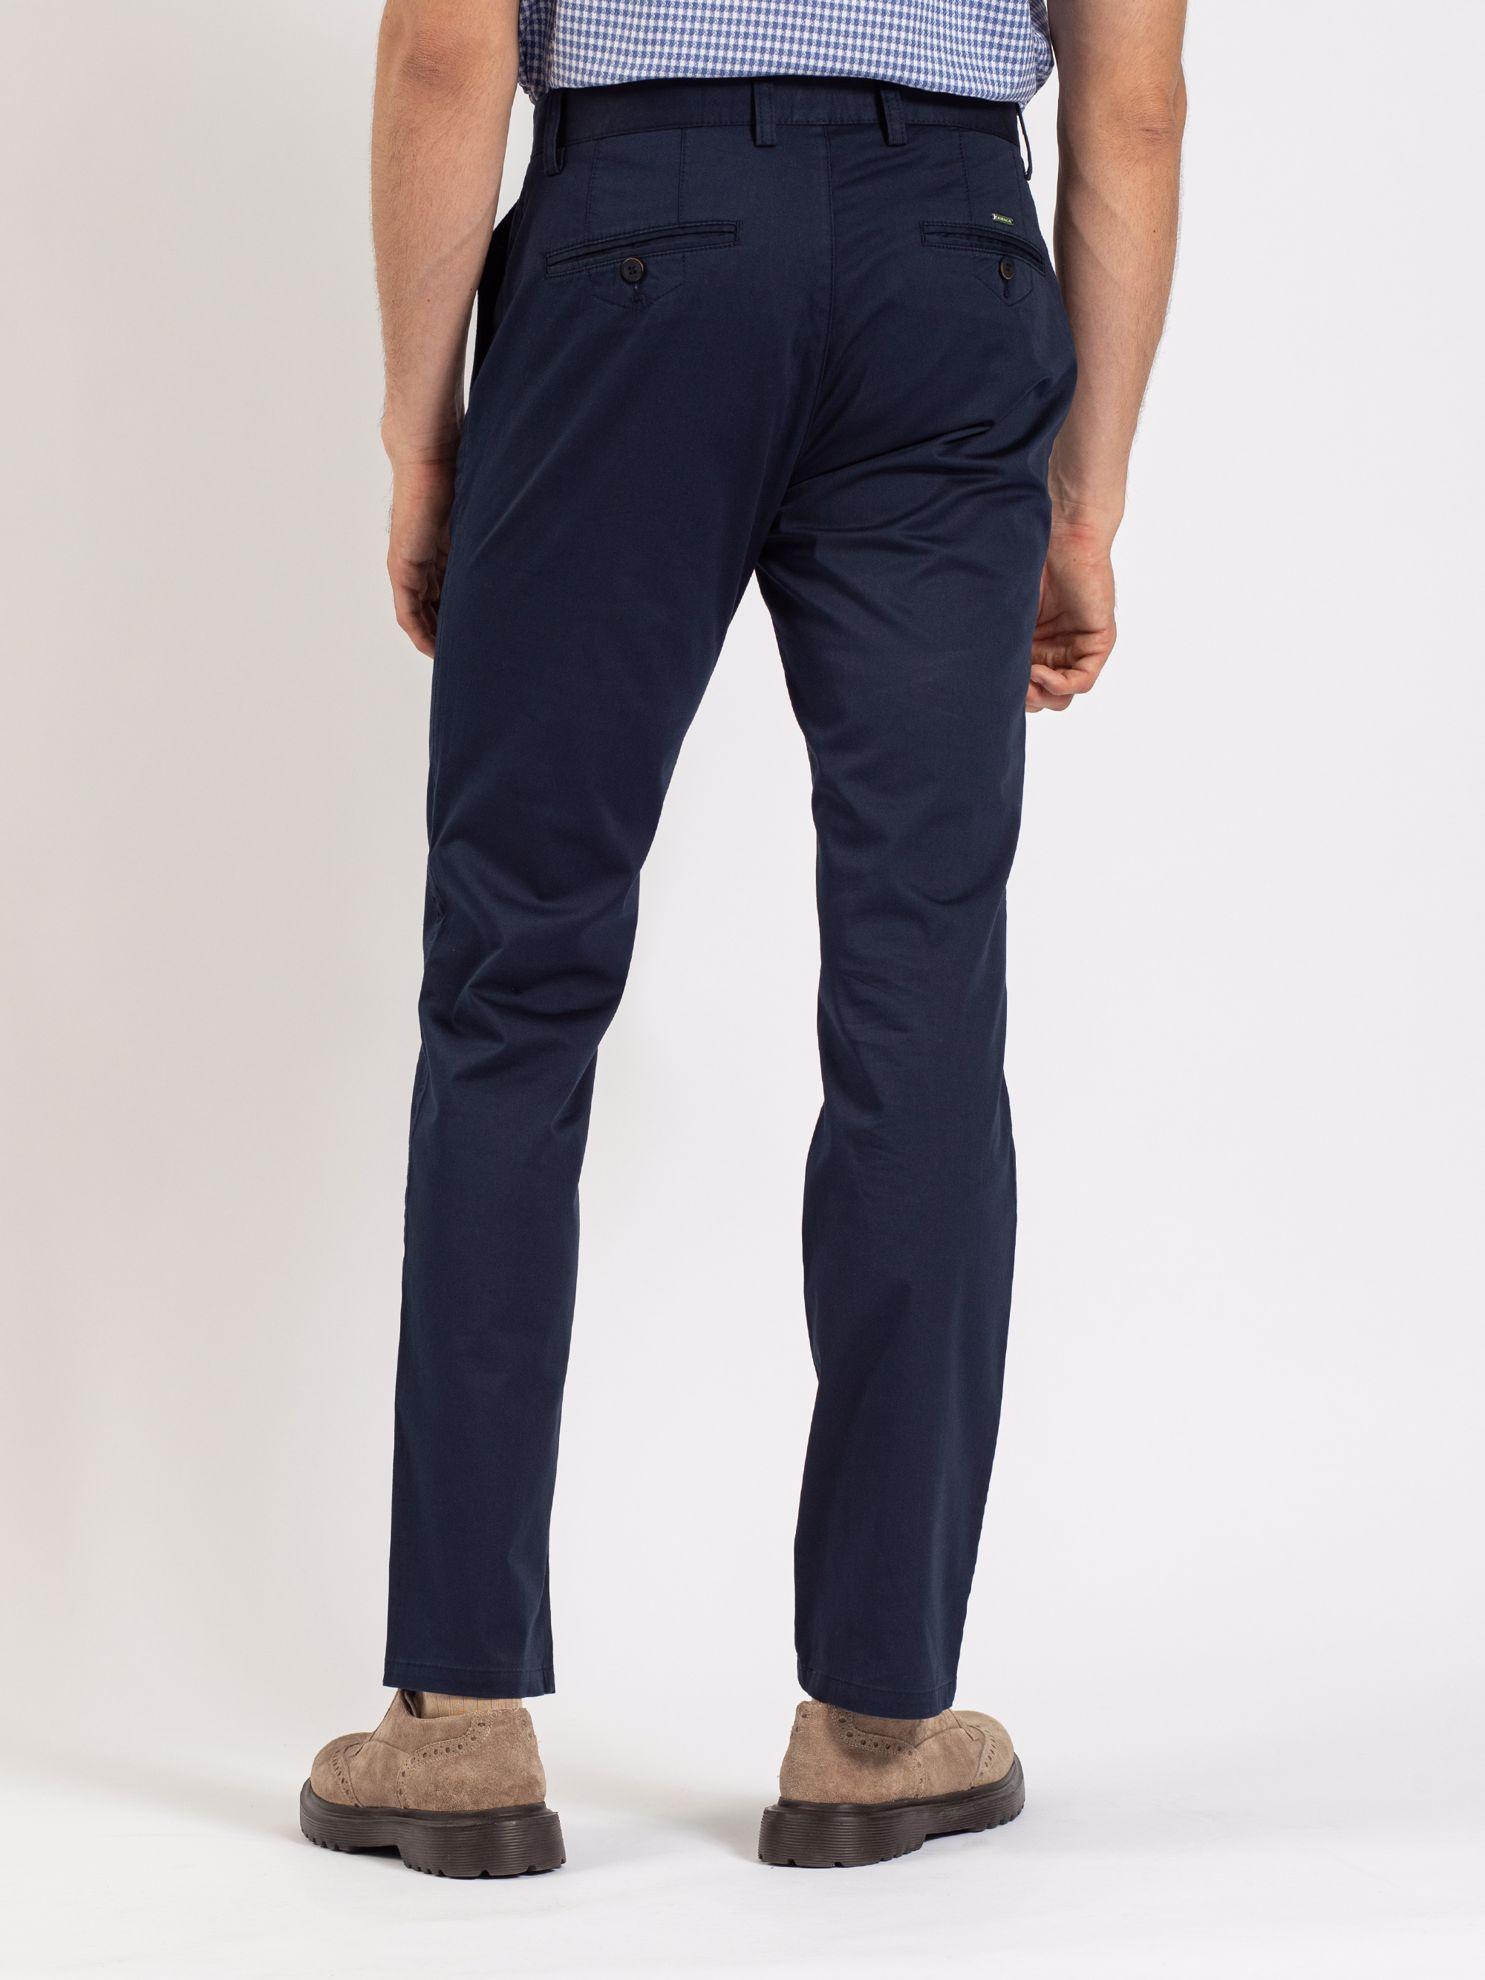 Karaca Erkek 6 Drop Pantolon-Lacivert. ürün görseli